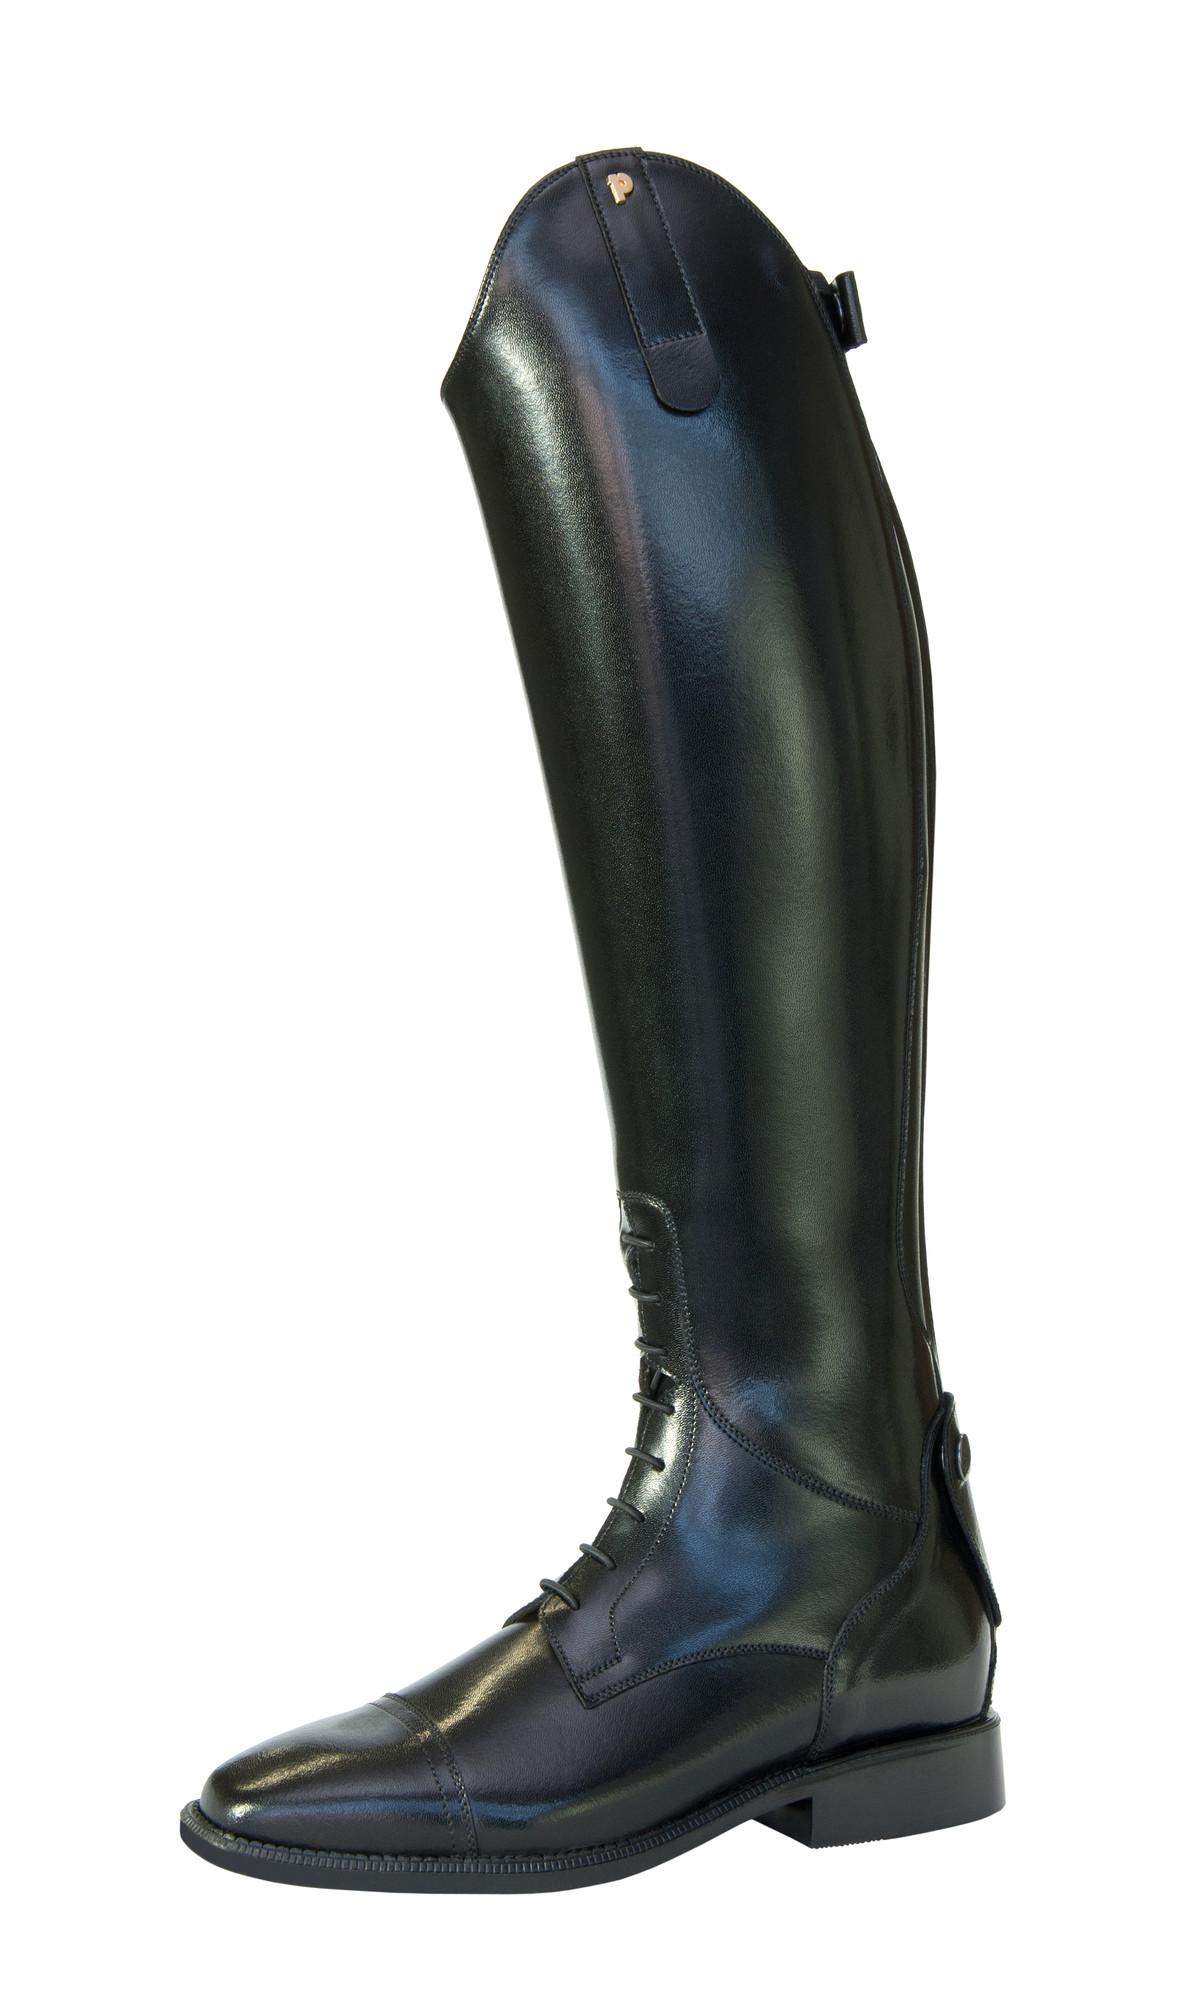 Petrie Melbourne rijlaars zwart maat:8 n